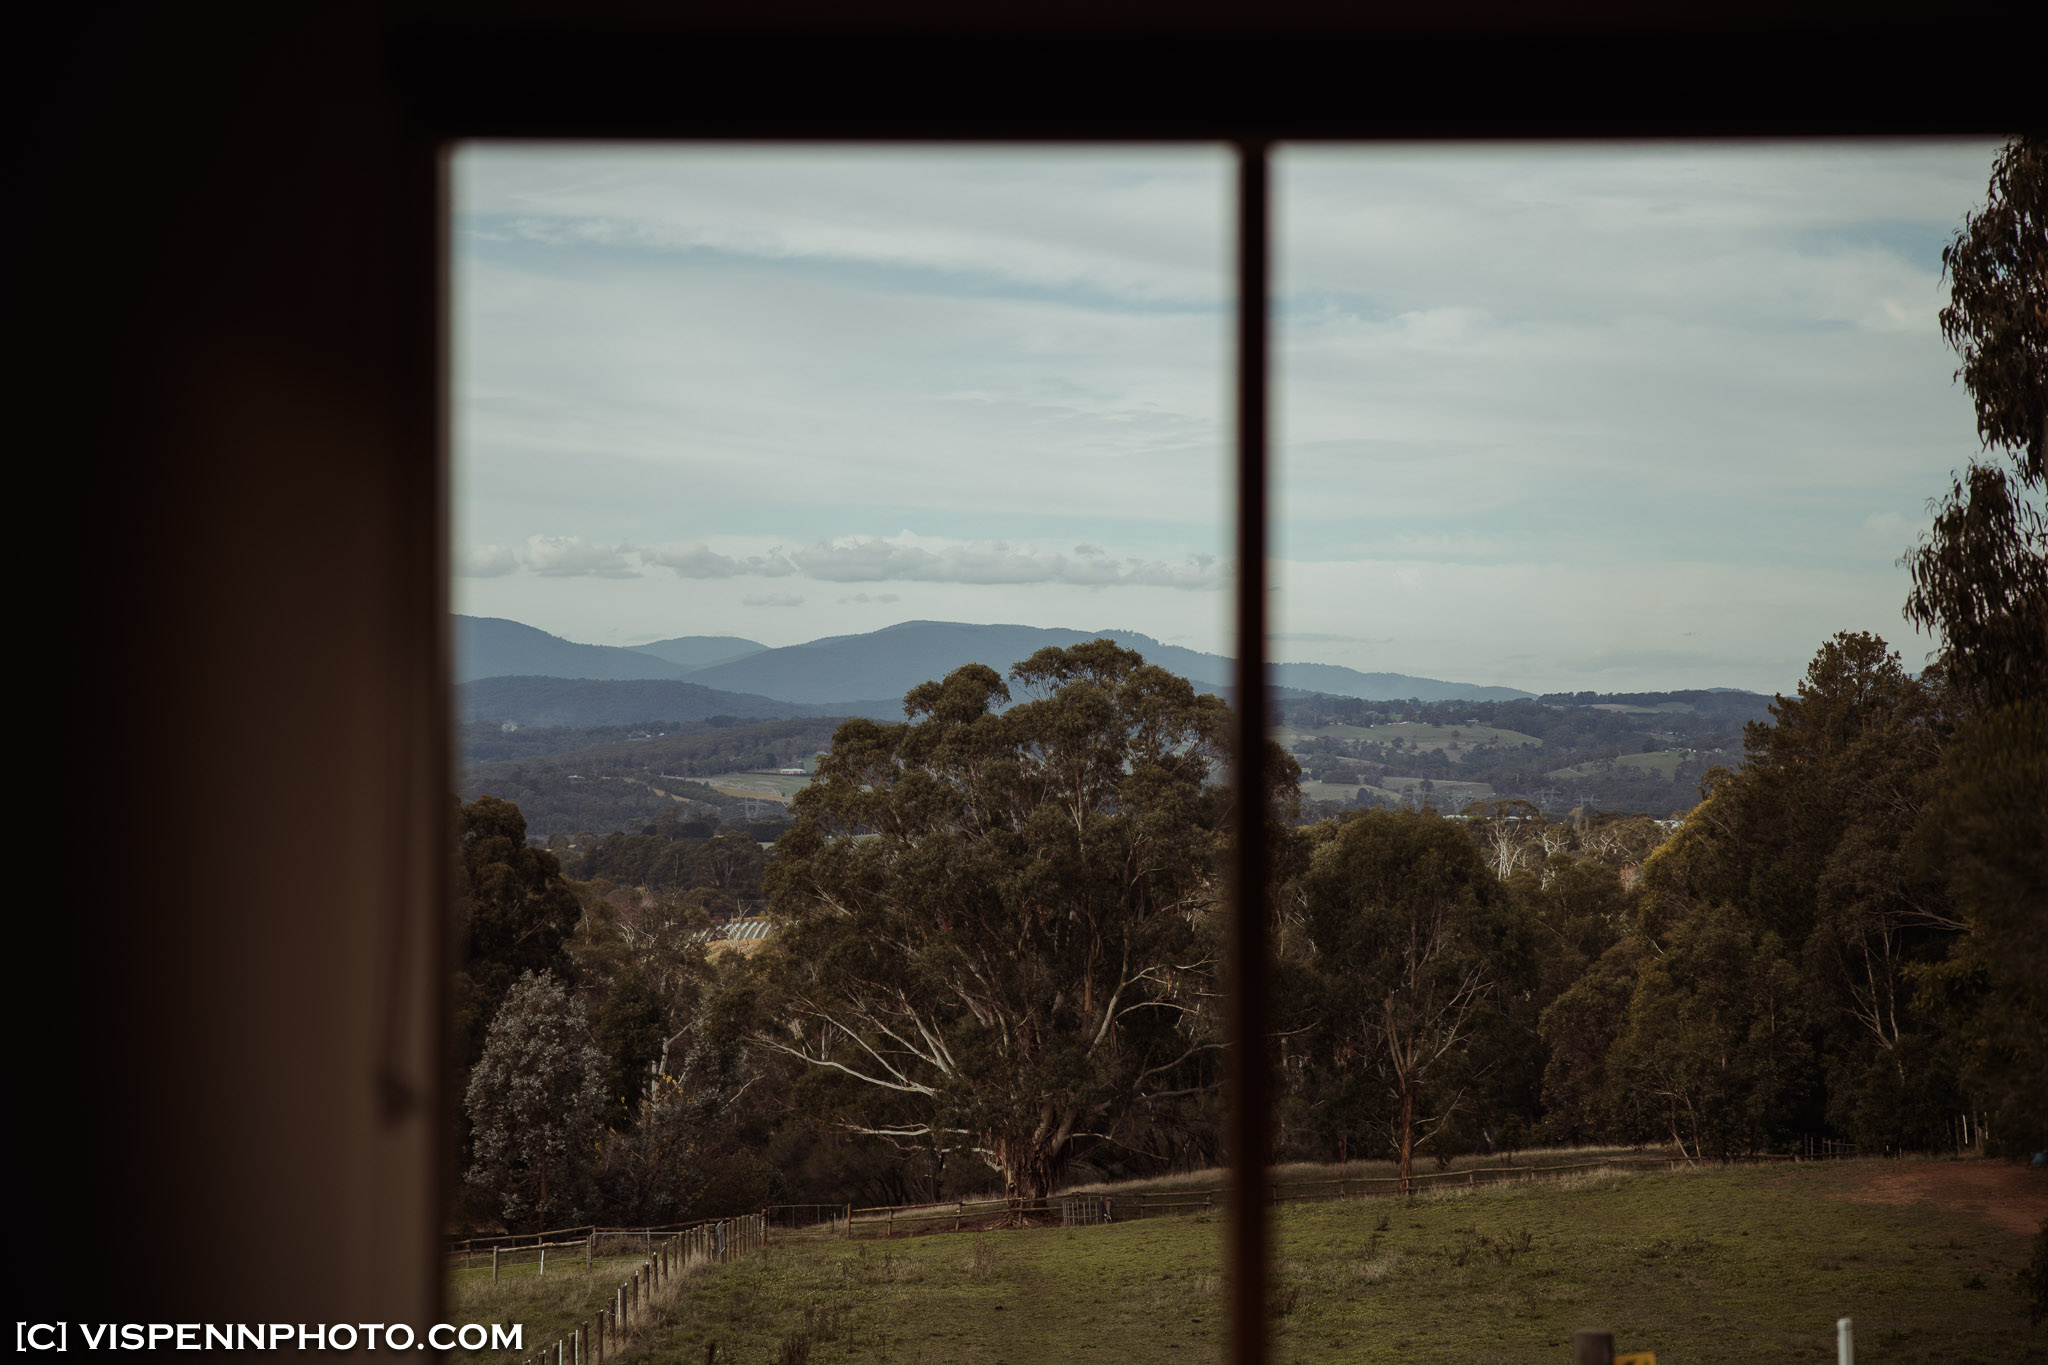 WEDDING DAY Photography Melbourne DominicHelen 1P 4706 EOSR ZHPENN